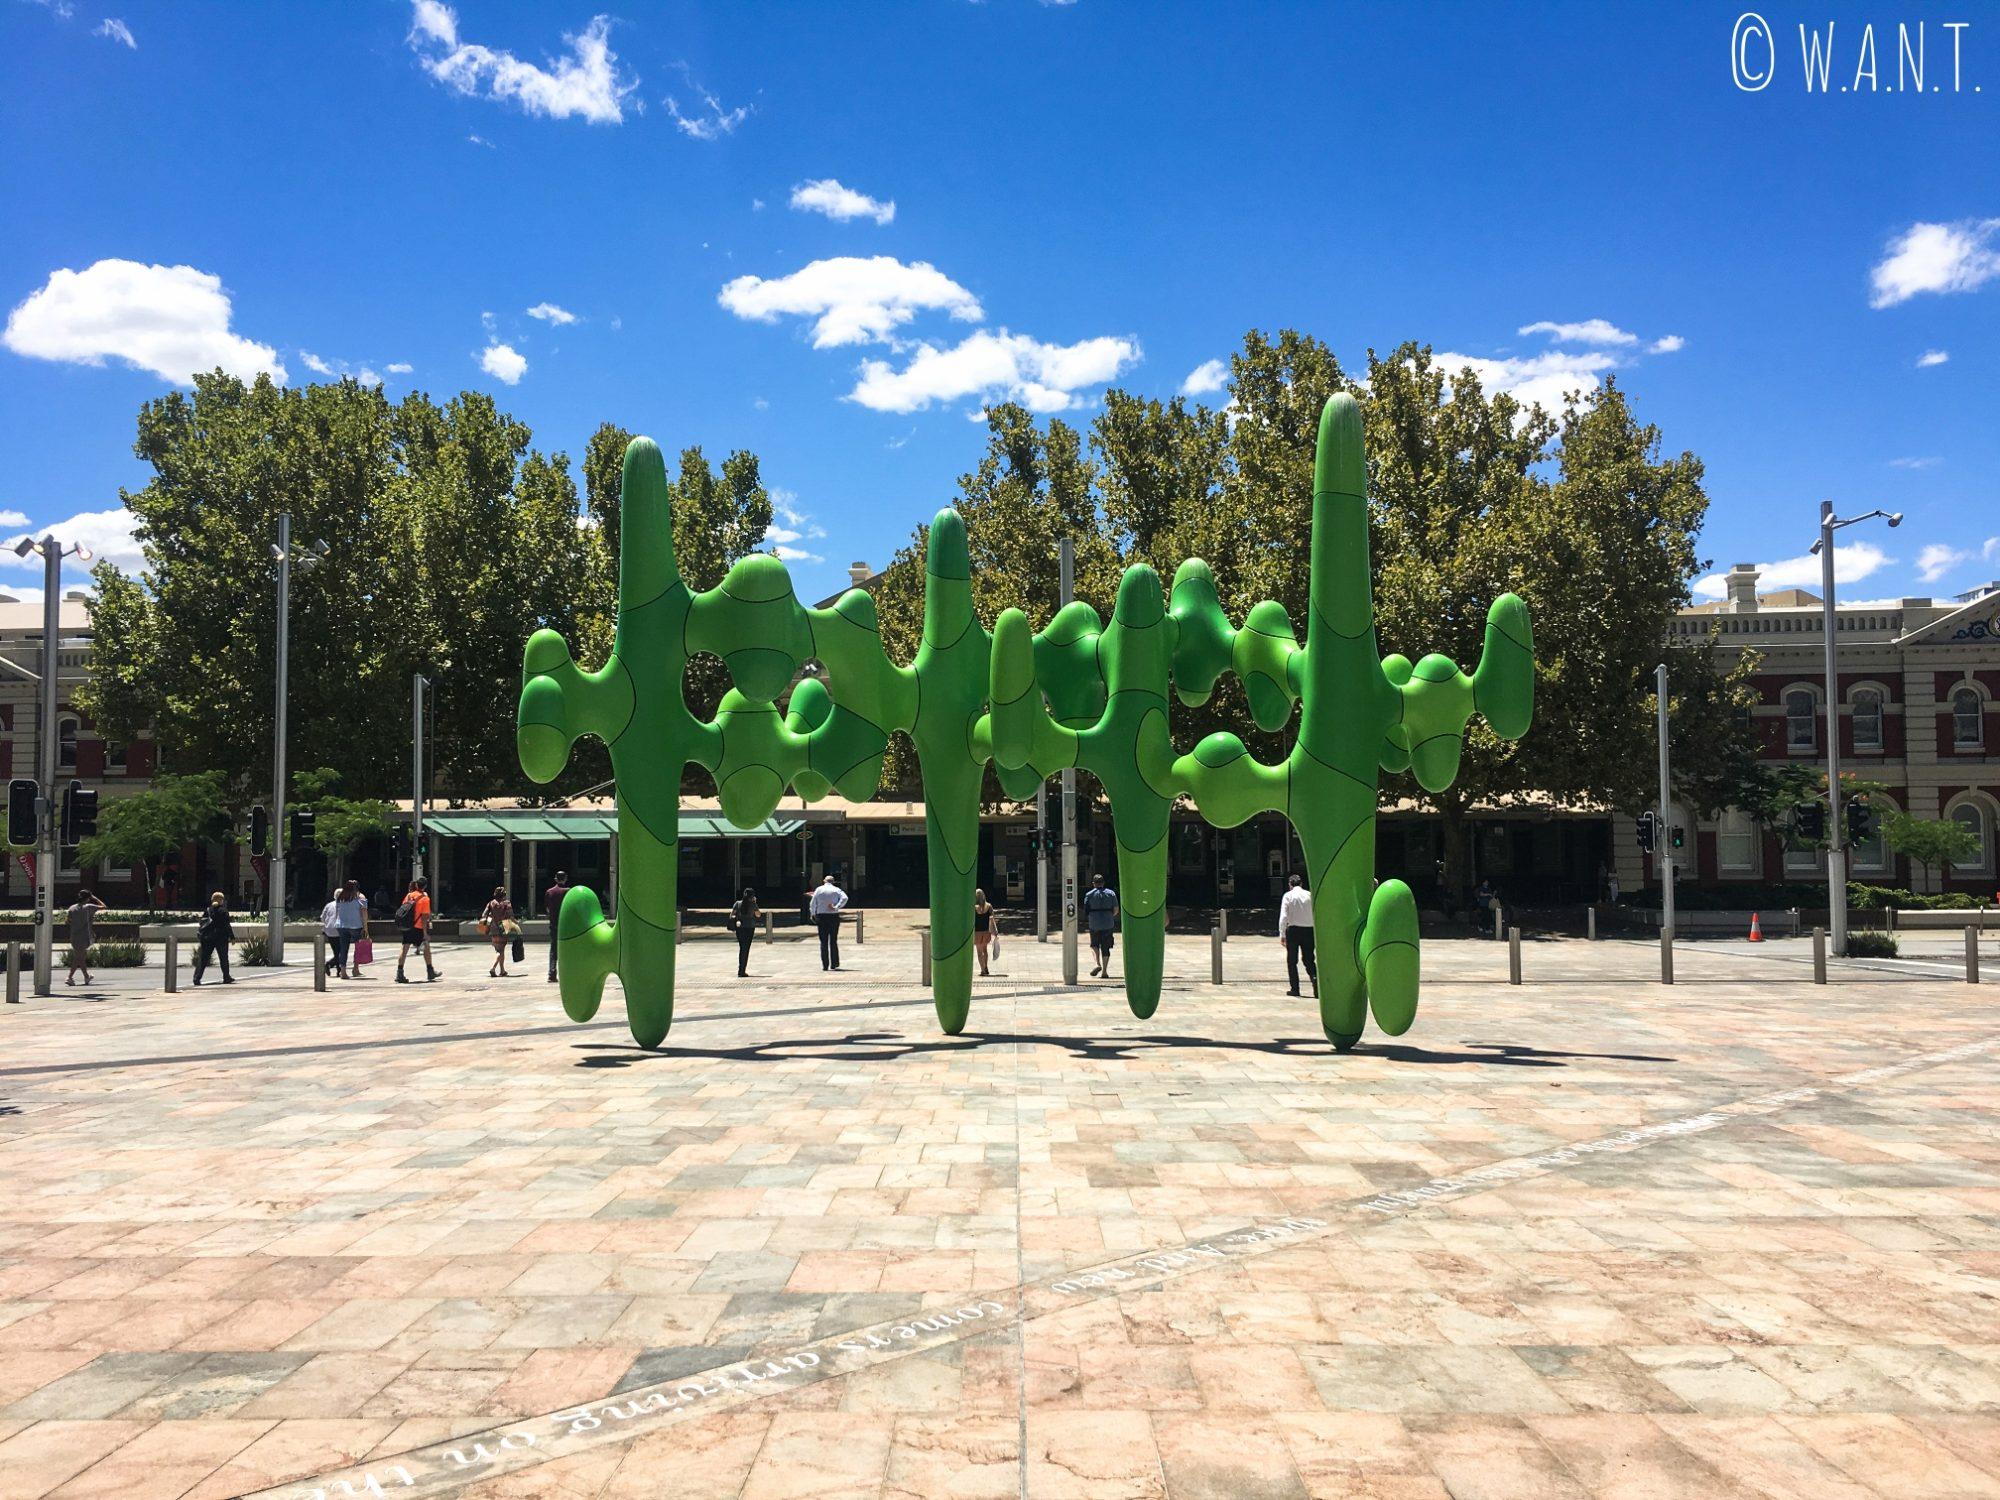 The Cactus, une oeuvre d'art située face à la gare de Perth sur Wellington Street